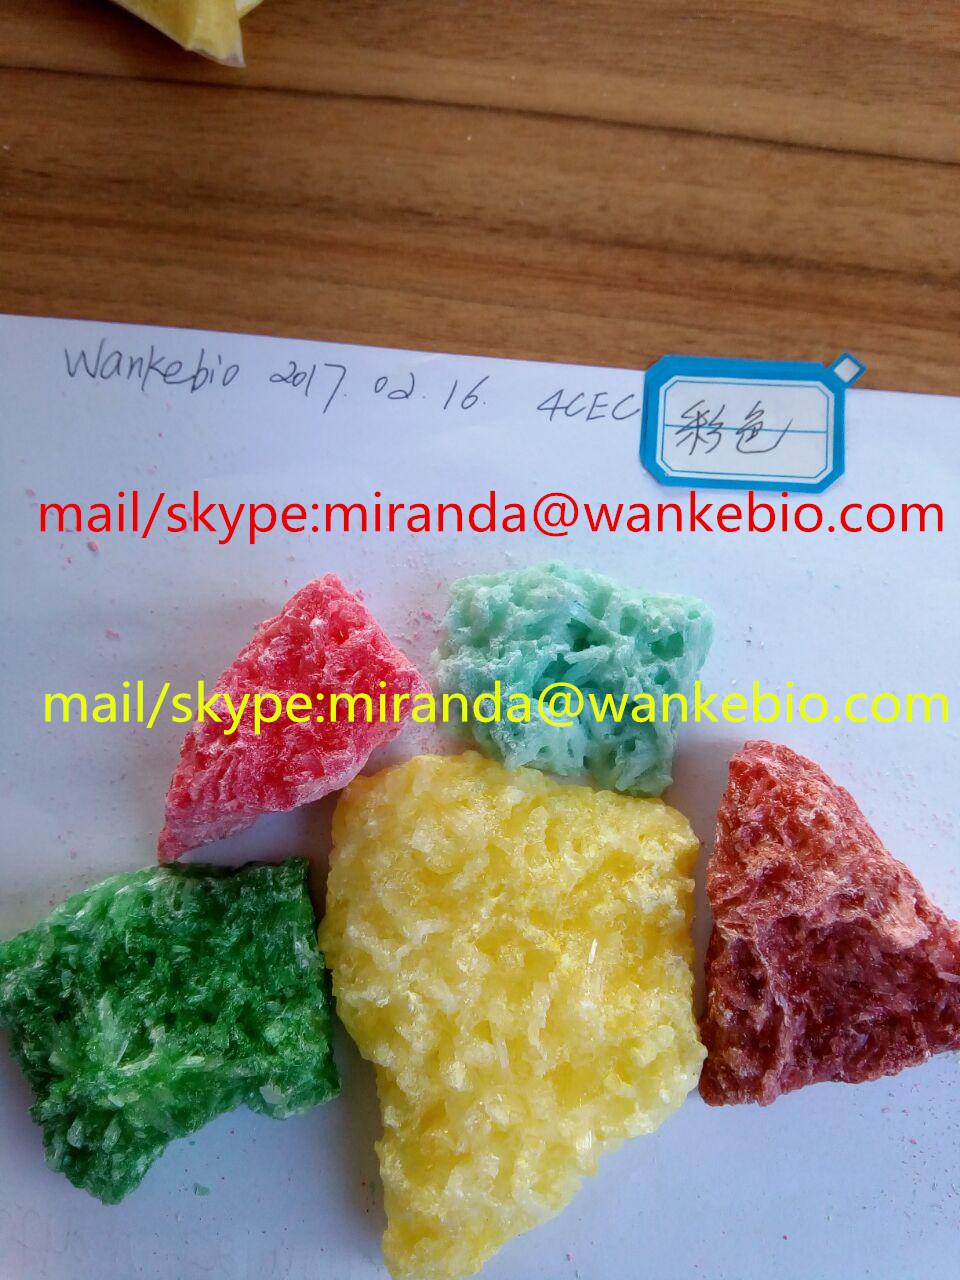 a 4-cec 22198-75-0 C11H14ClNO mail/skype:miranda(@)wankebio.com